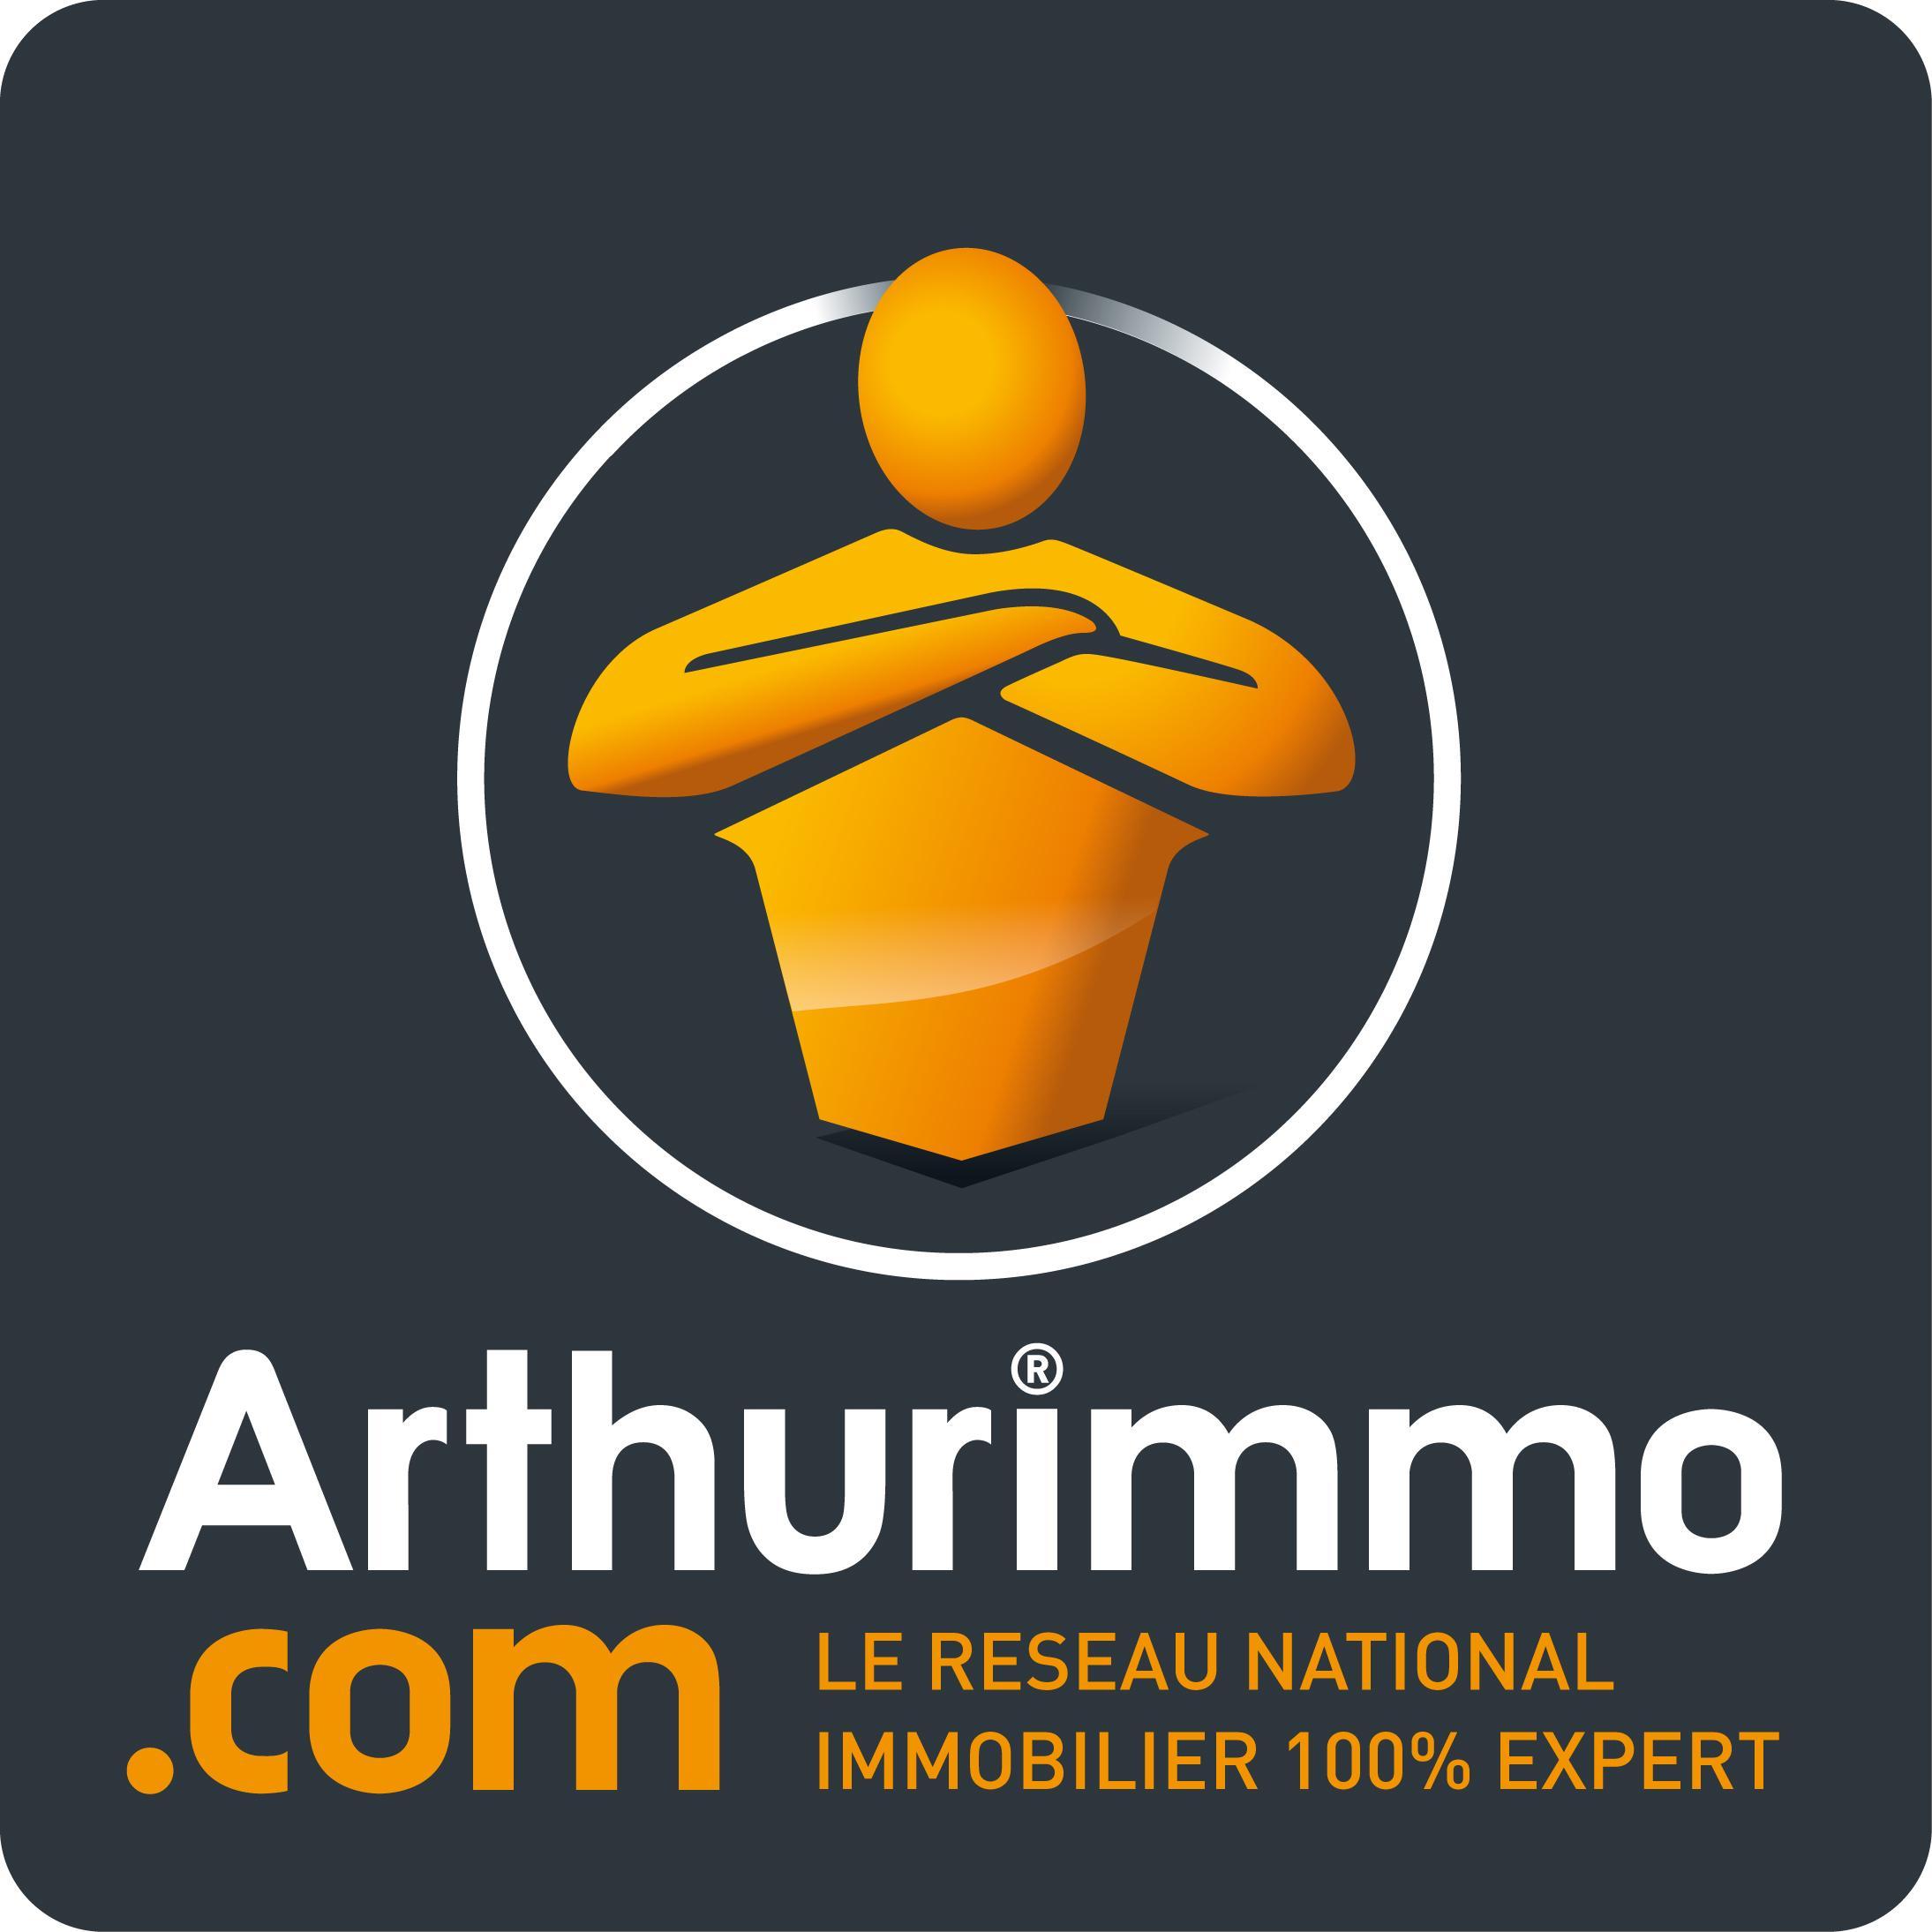 Arthurimmo.com Lavelanet agence immobilière Lavelanet (09300)